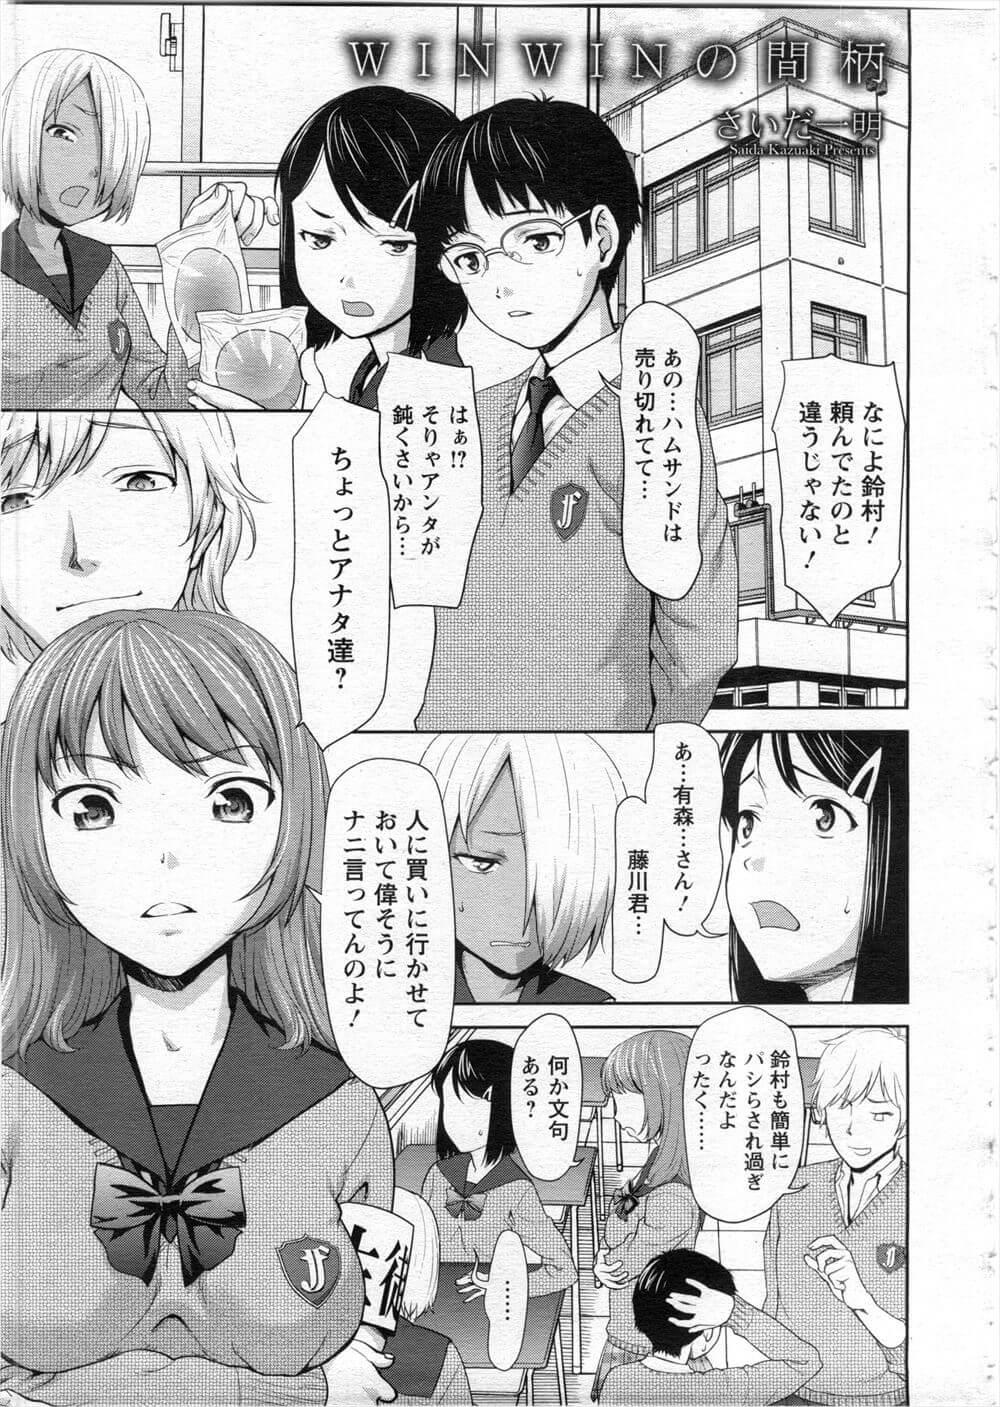 【エロ漫画】鈴村は有森さんに話しかけたくついていくと交通事故に遭い、鈴村は性転換して有森さんになっていた!!【無料 エロ同人】